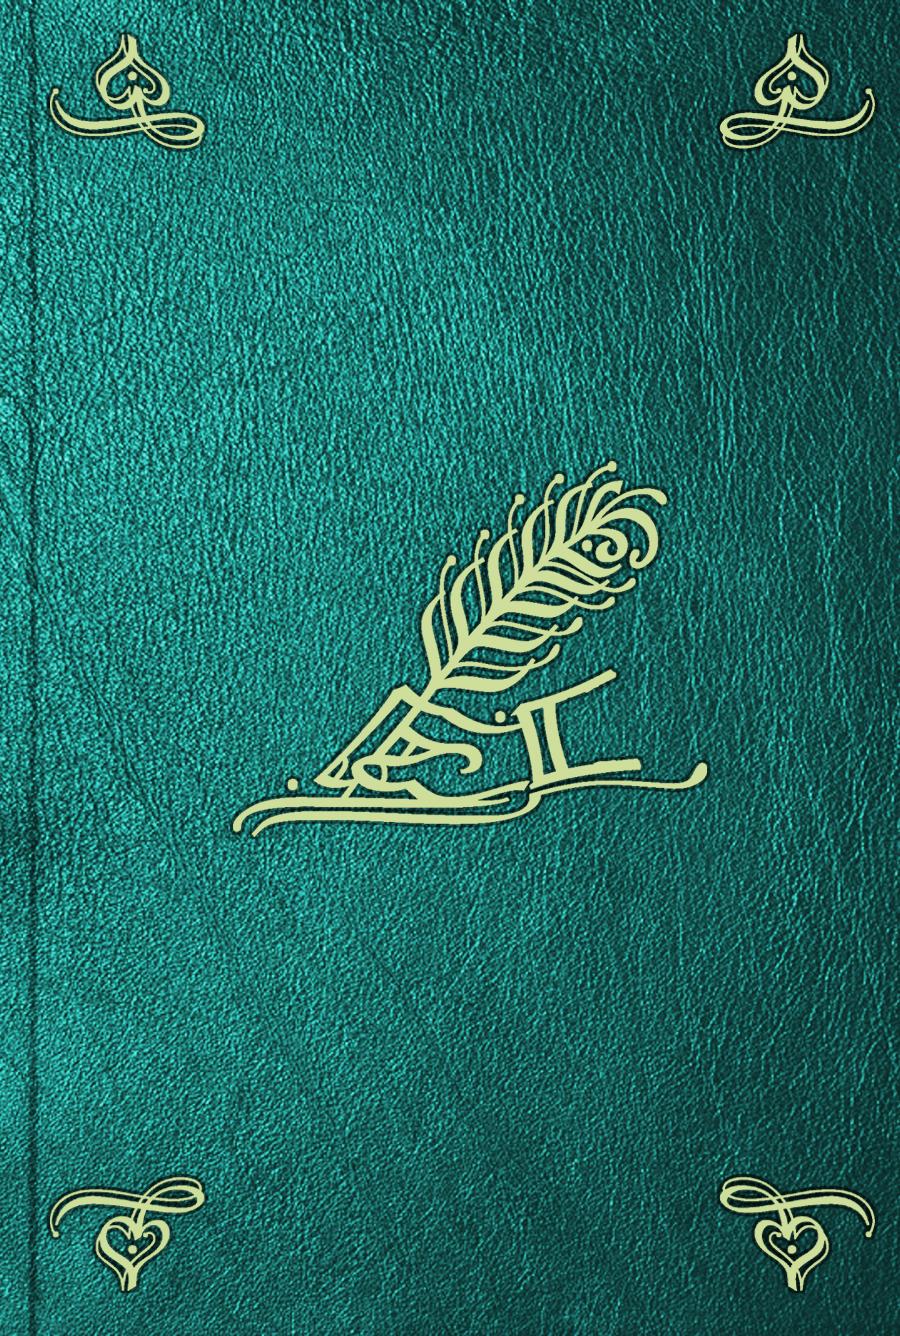 Pierre Loius Ginguené Storia della letteratura italiana. T. 4 pierre loius ginguené storia della letteratura italiana t 1